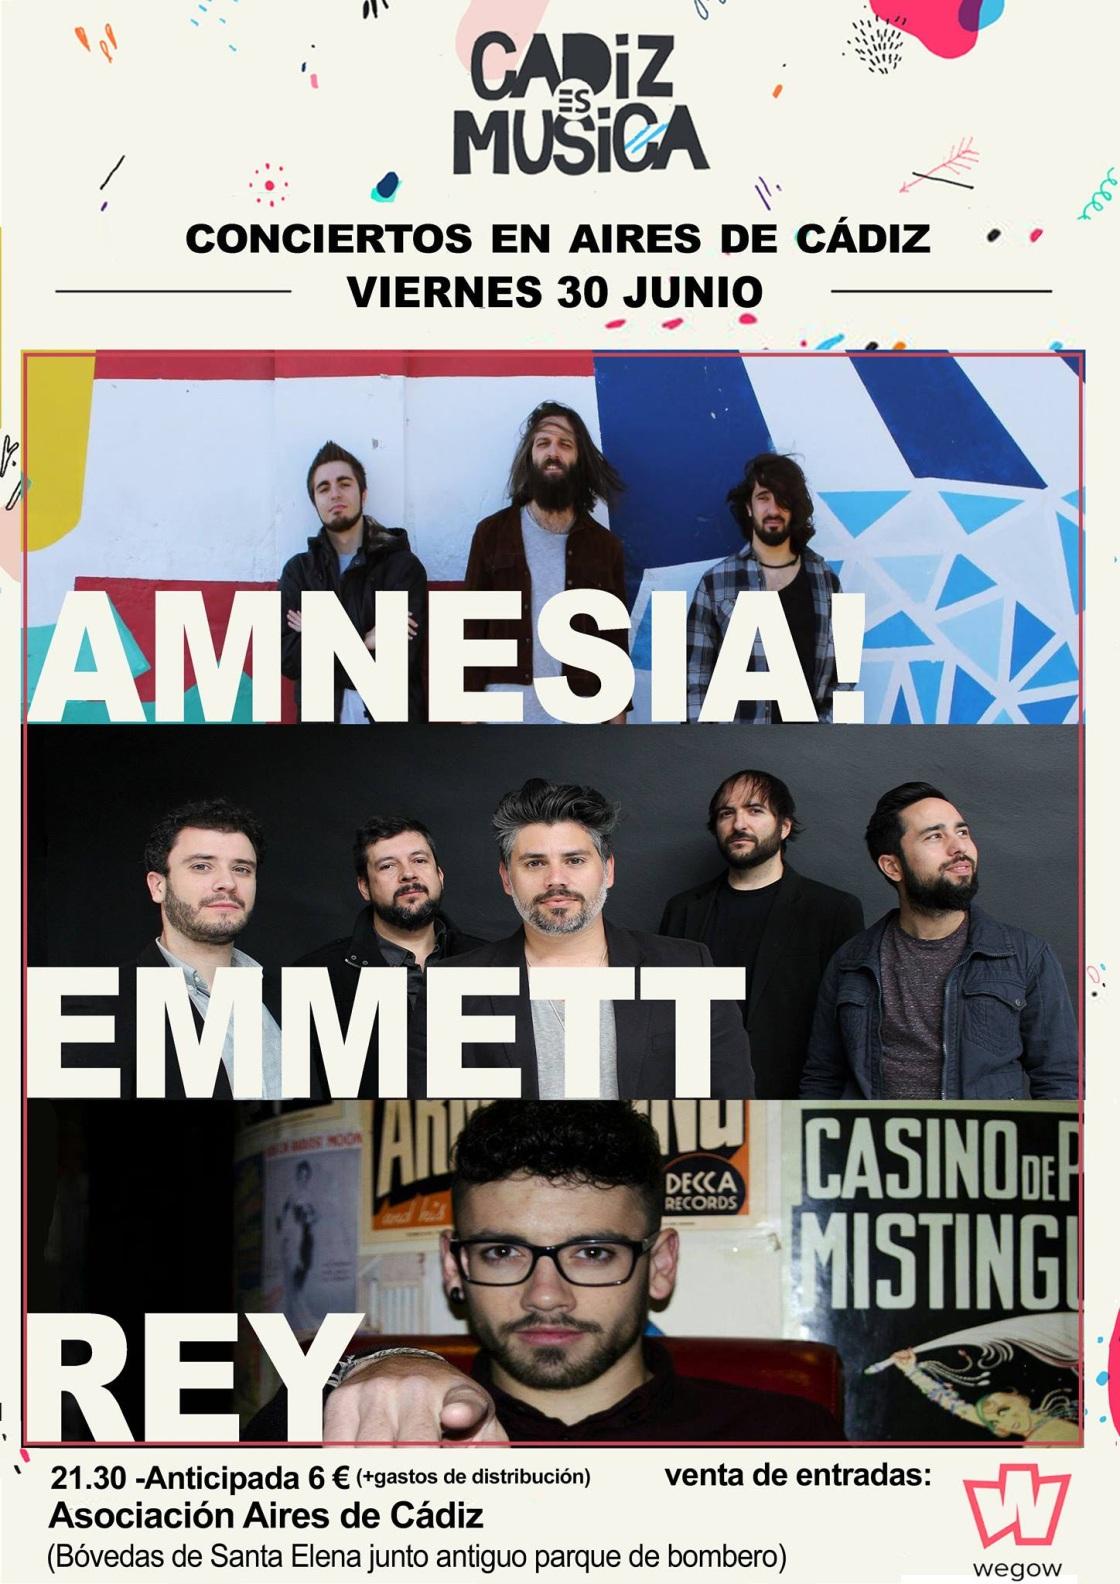 Cádiz es Música